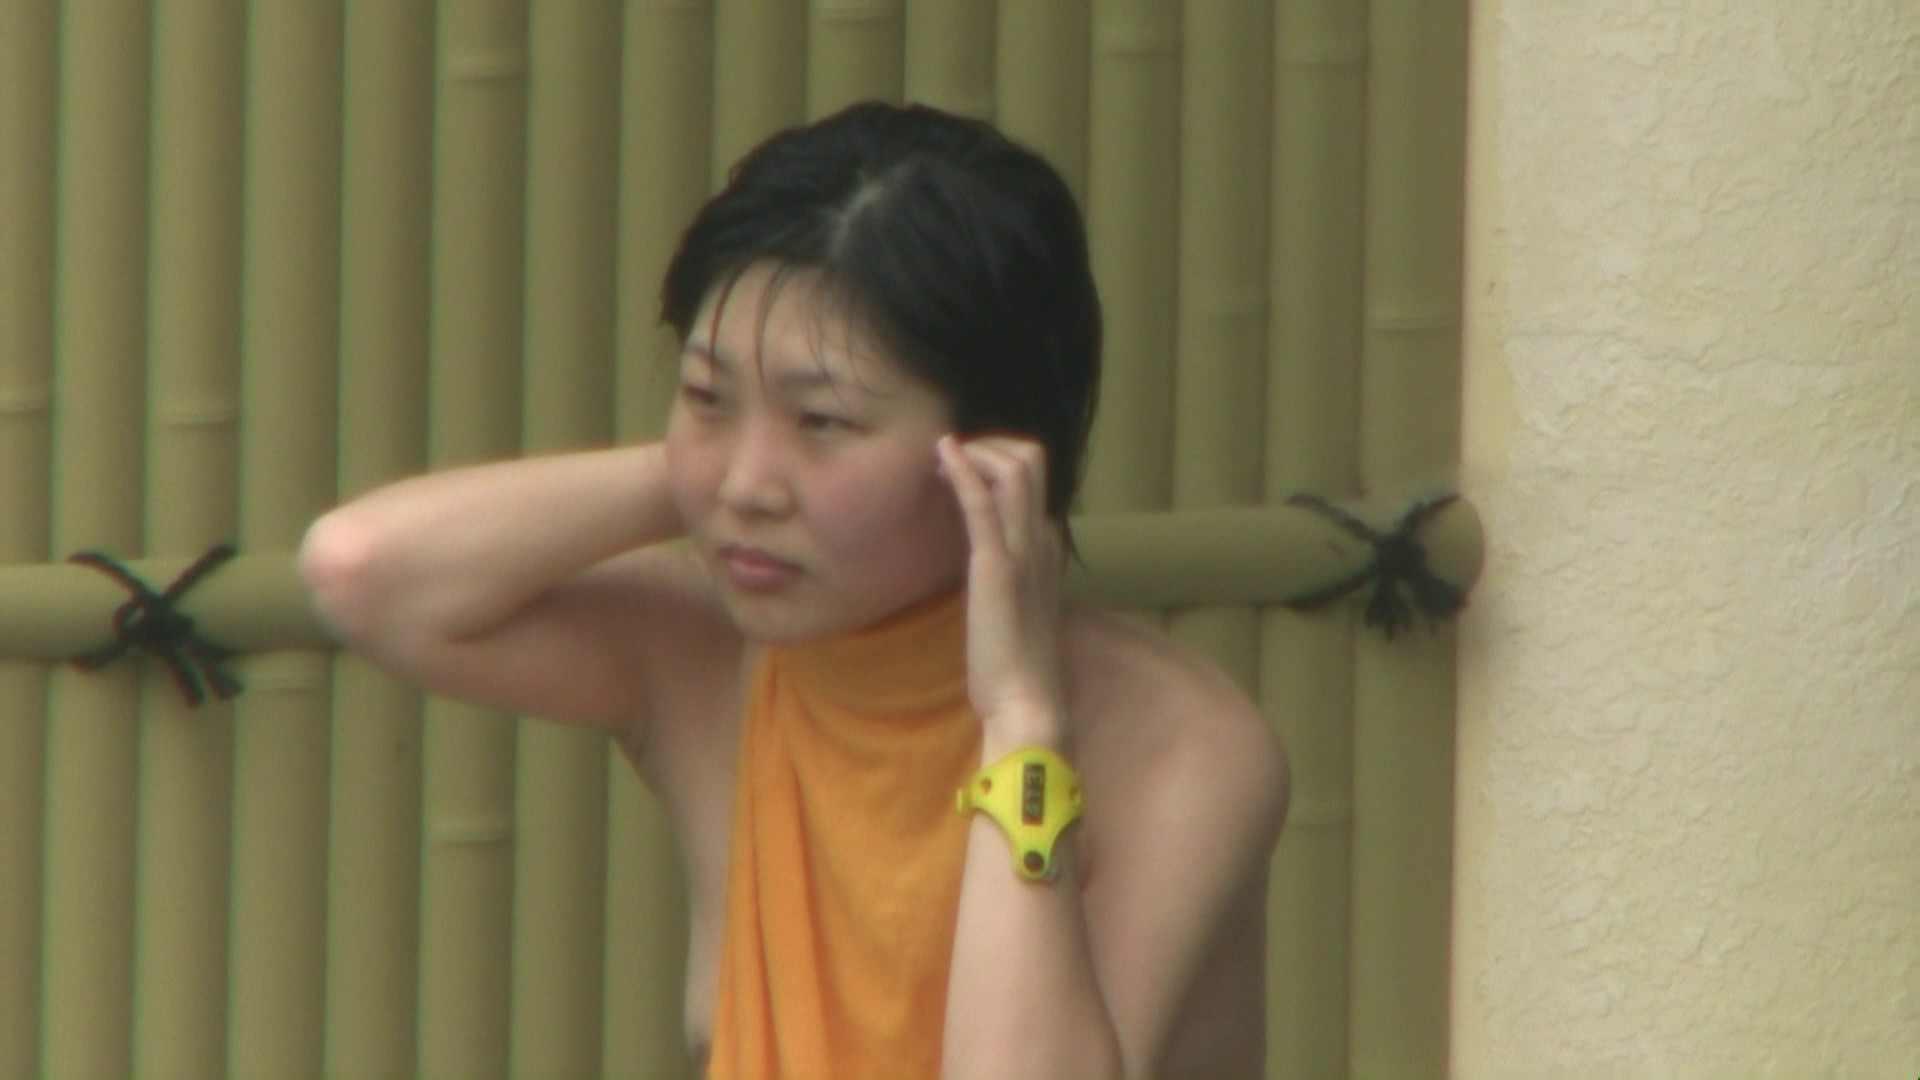 Aquaな露天風呂Vol.75【VIP限定】 盗撮師作品 オメコ動画キャプチャ 107pic 17